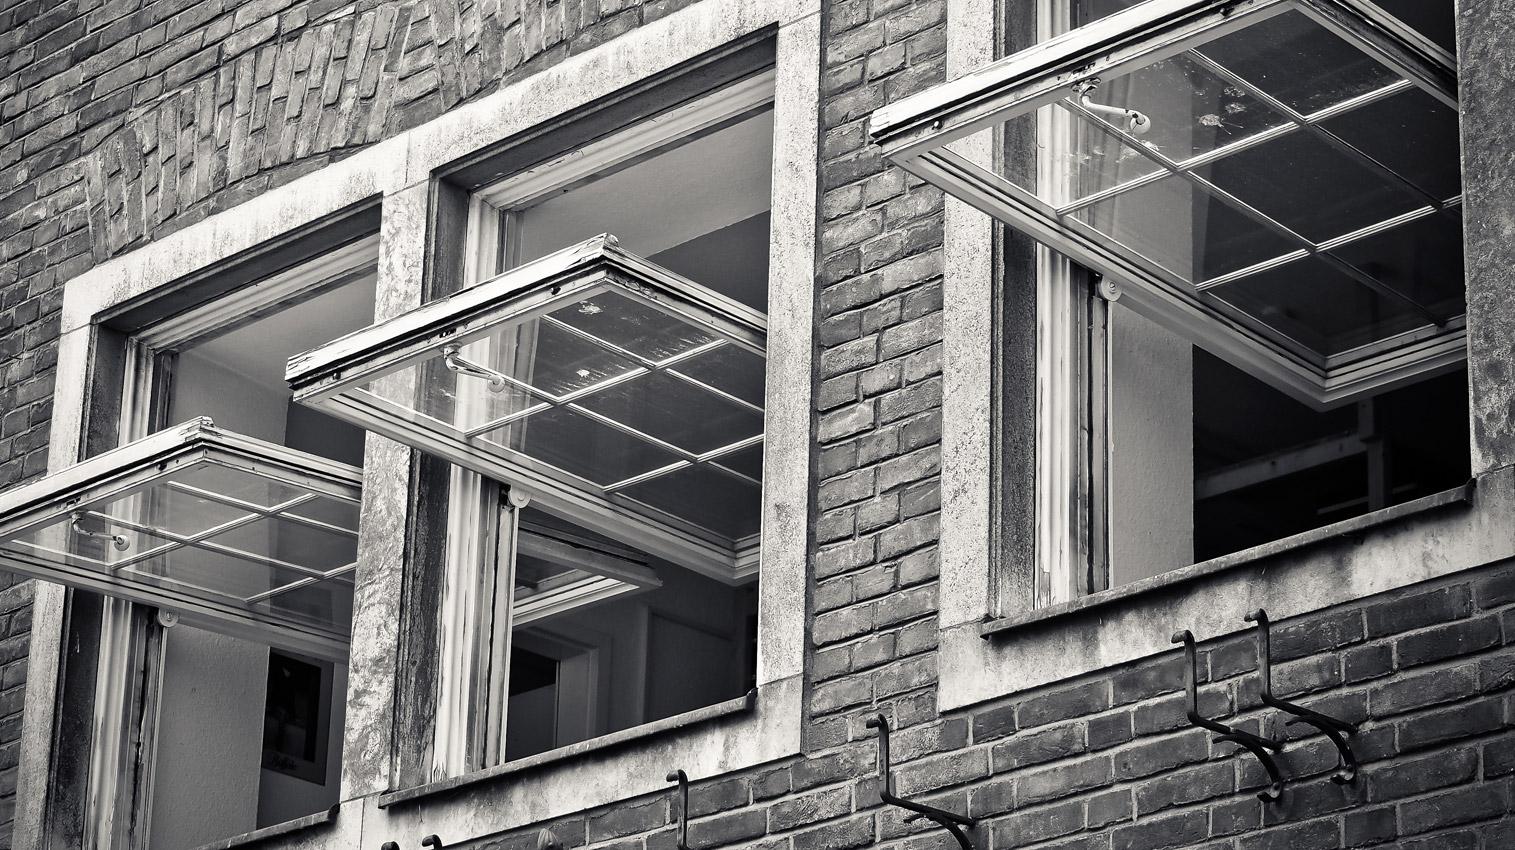 Zum lüften geöffnete Fenster